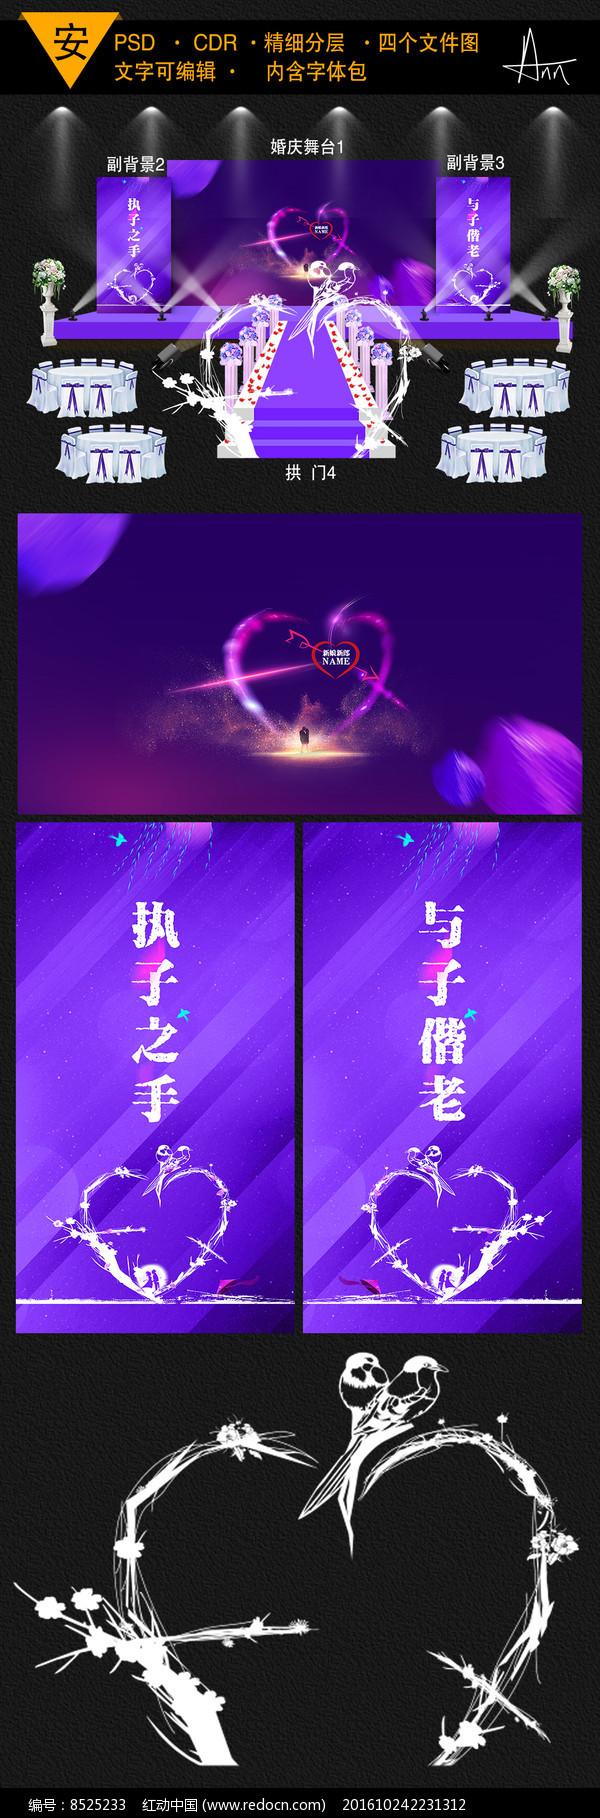 高端大气紫色主题婚礼模板图片